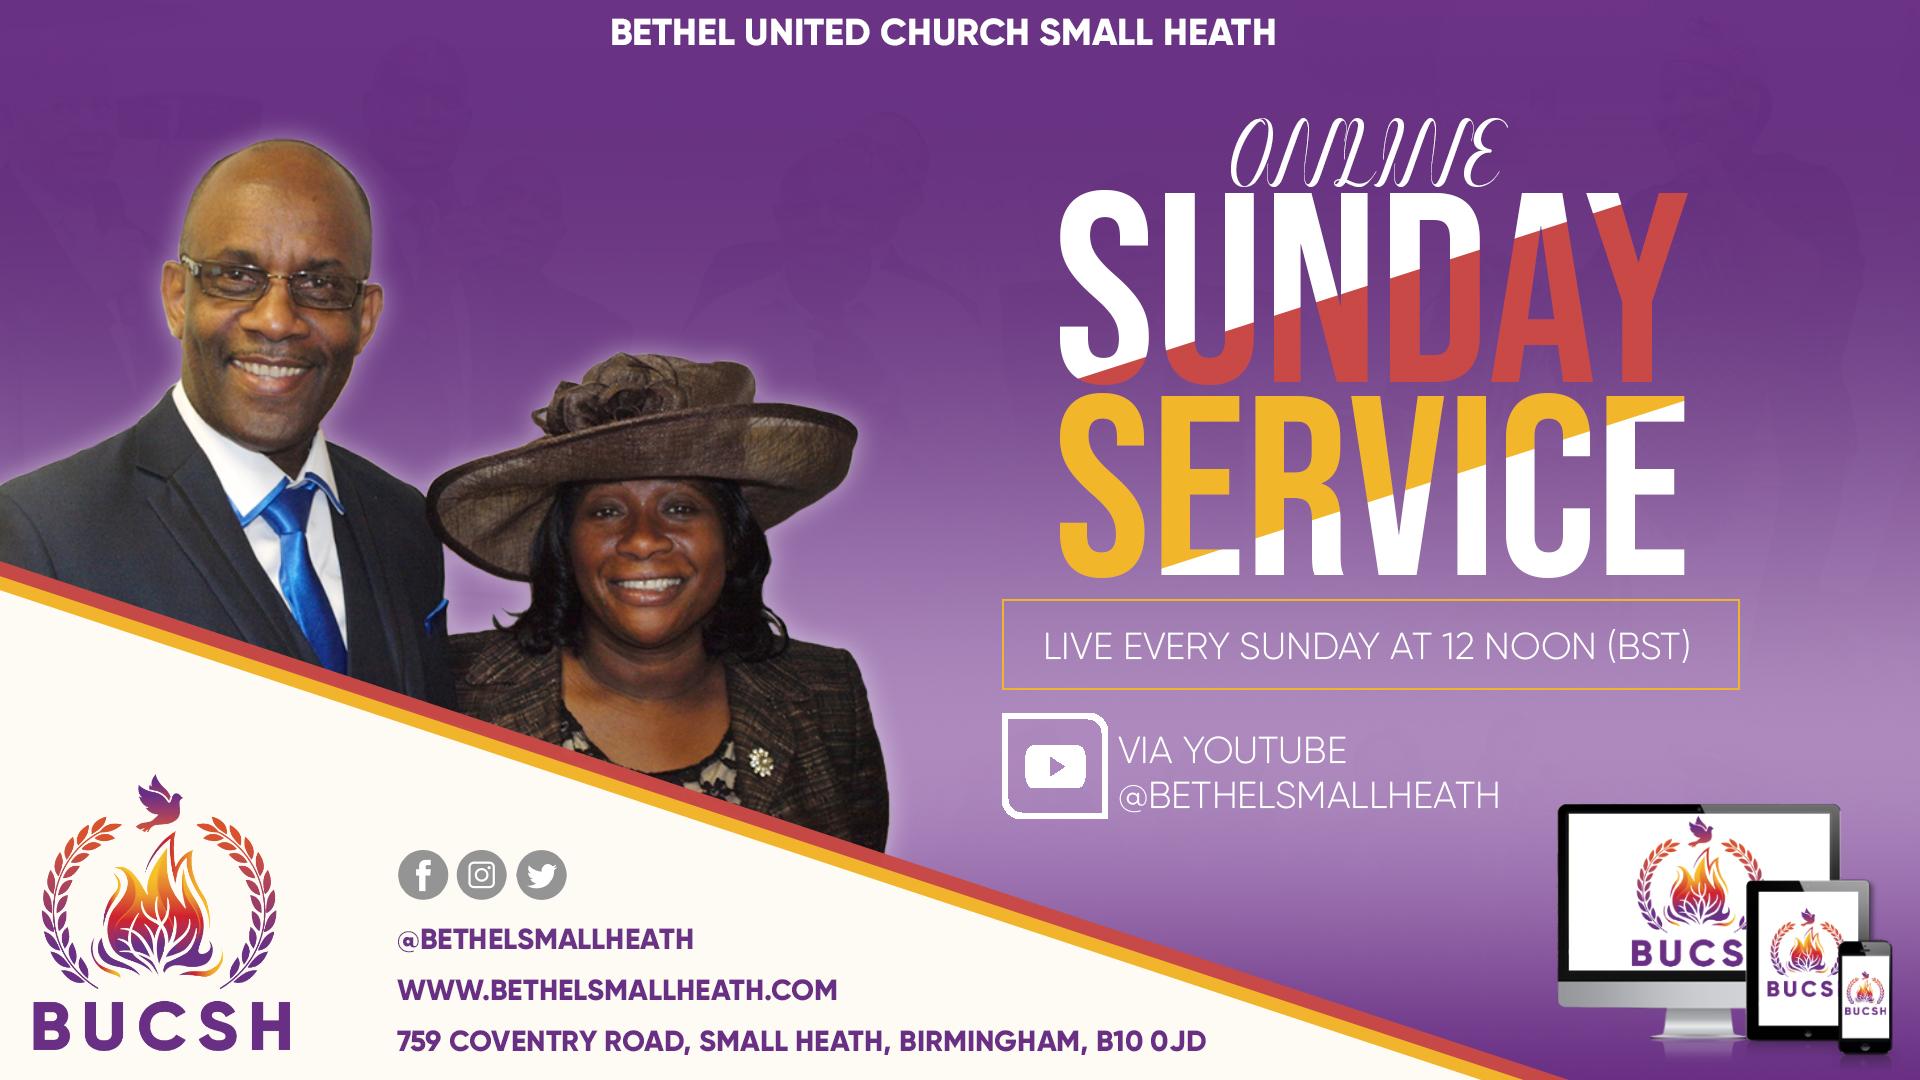 Bethel Small Heath